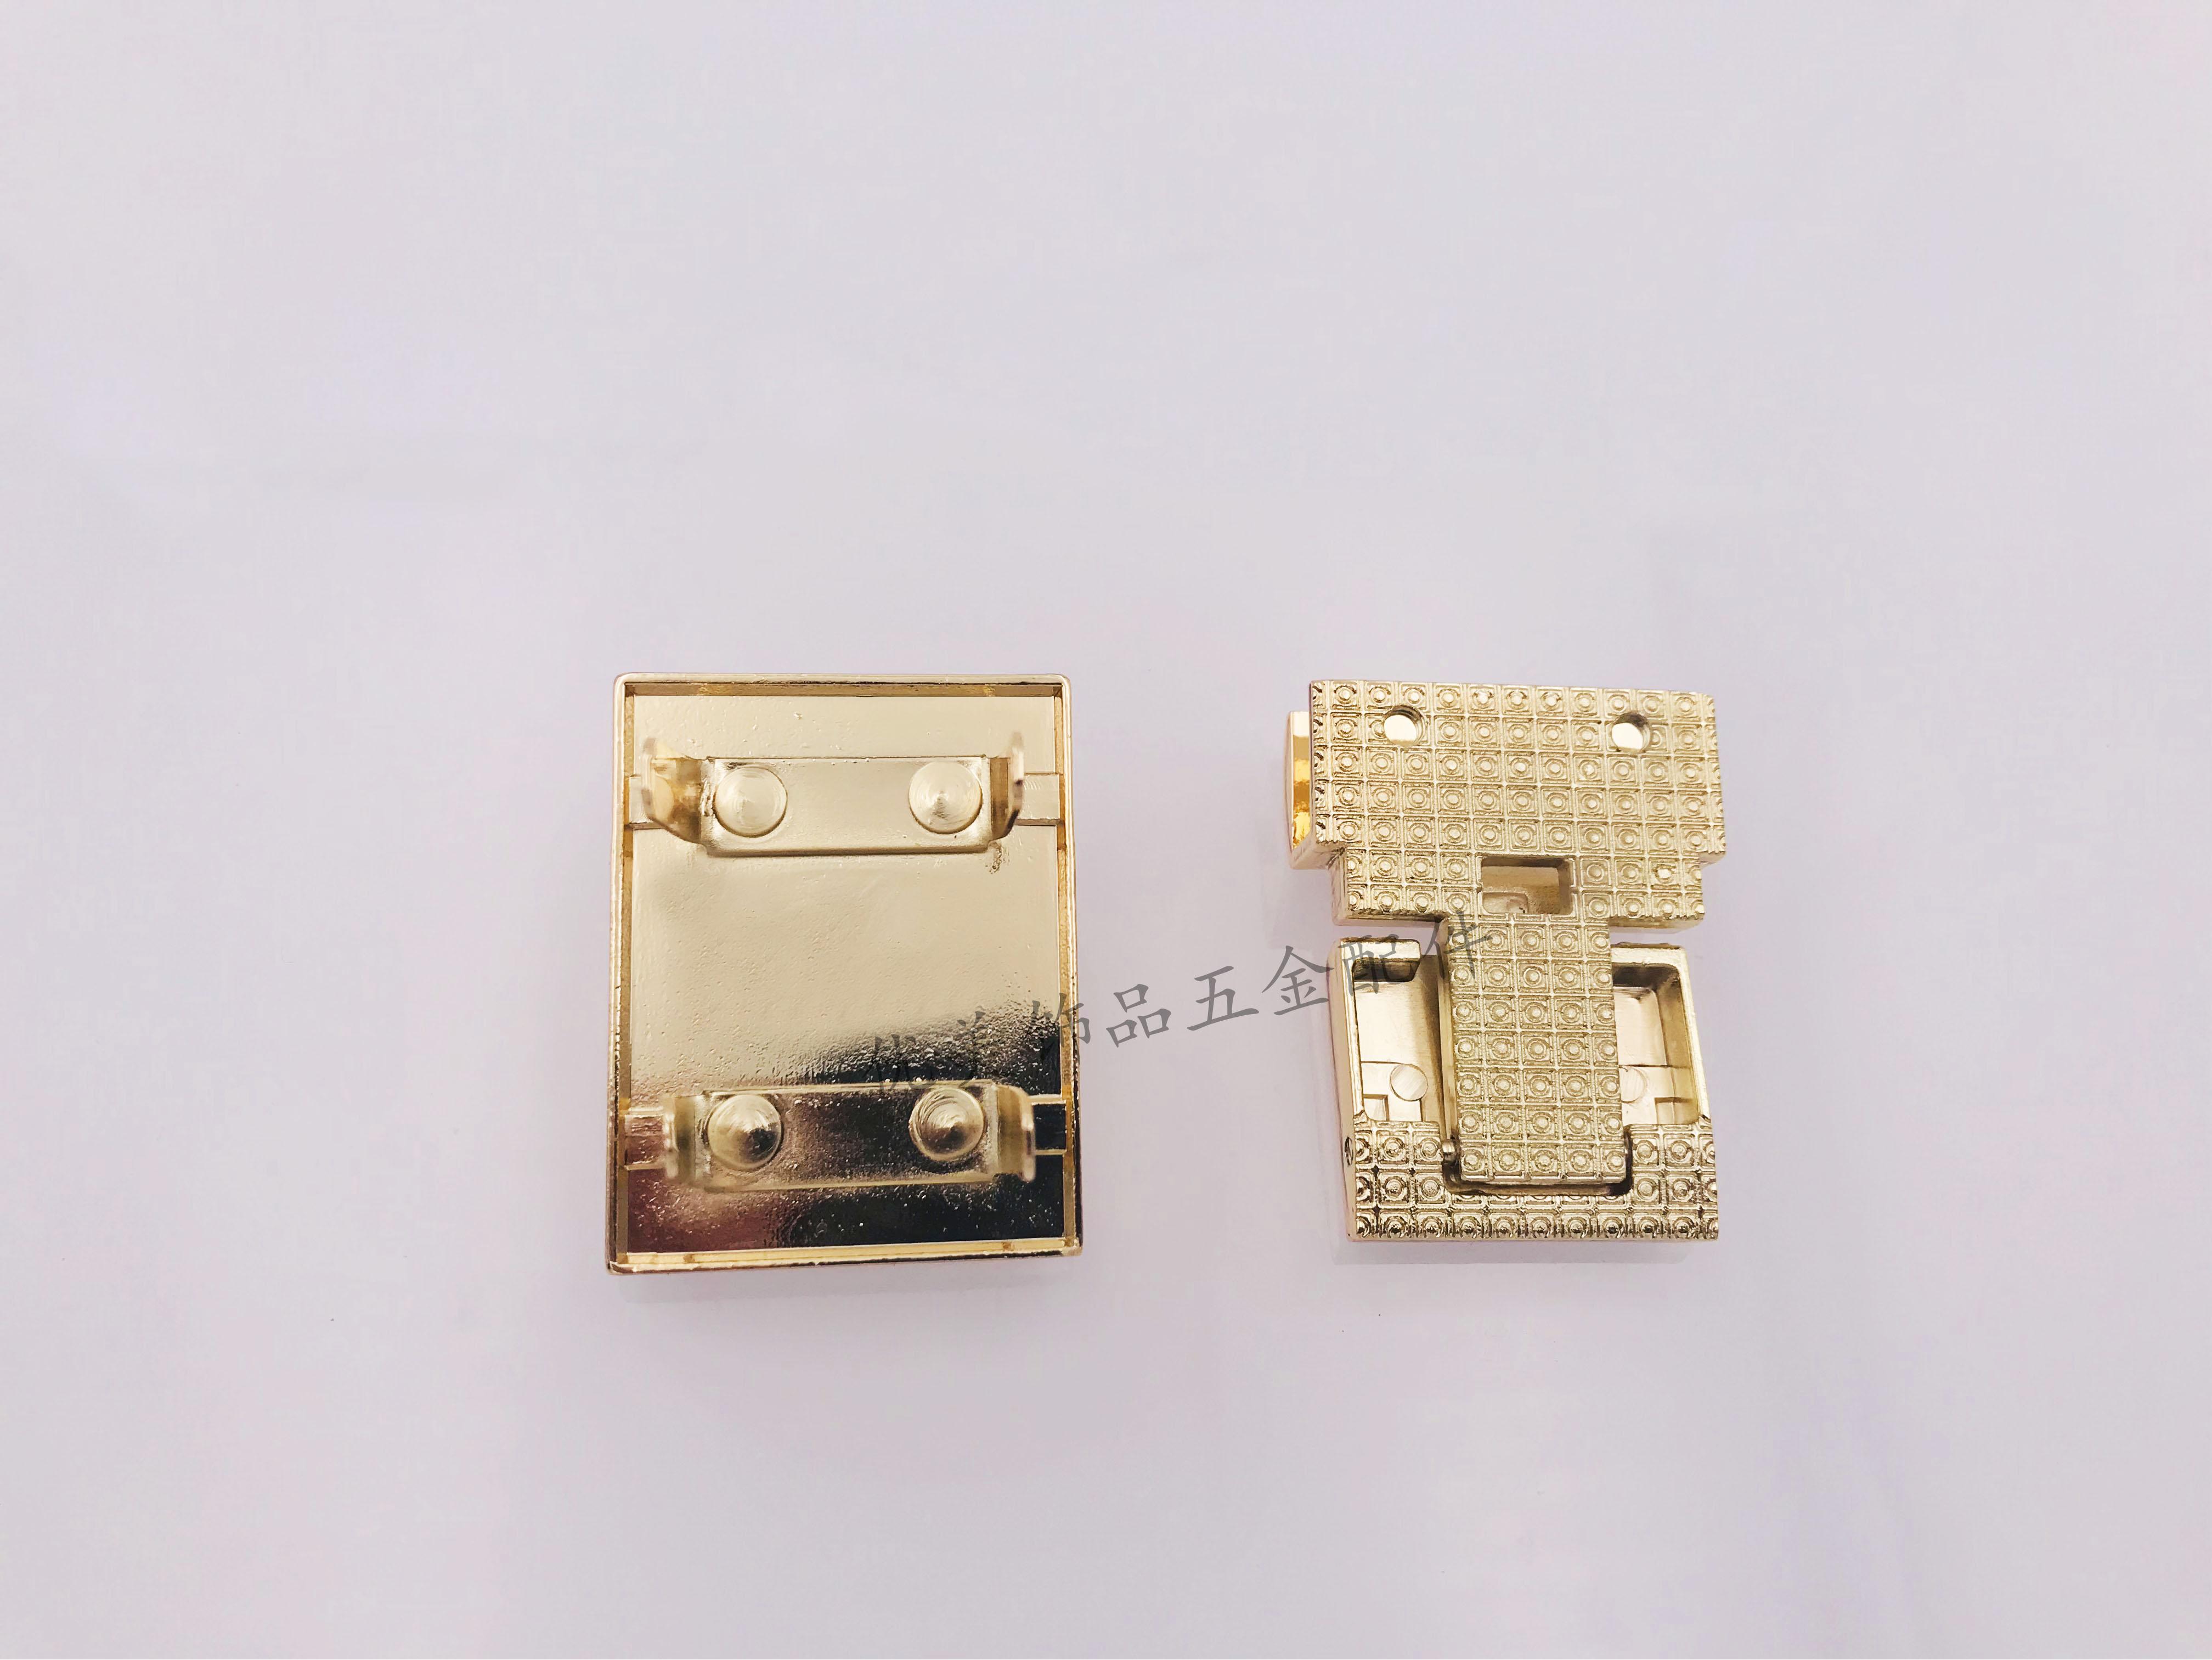 箱包五金锁扣精品DIY修插锁 女包皮具热销手袋金属配件方形插扣